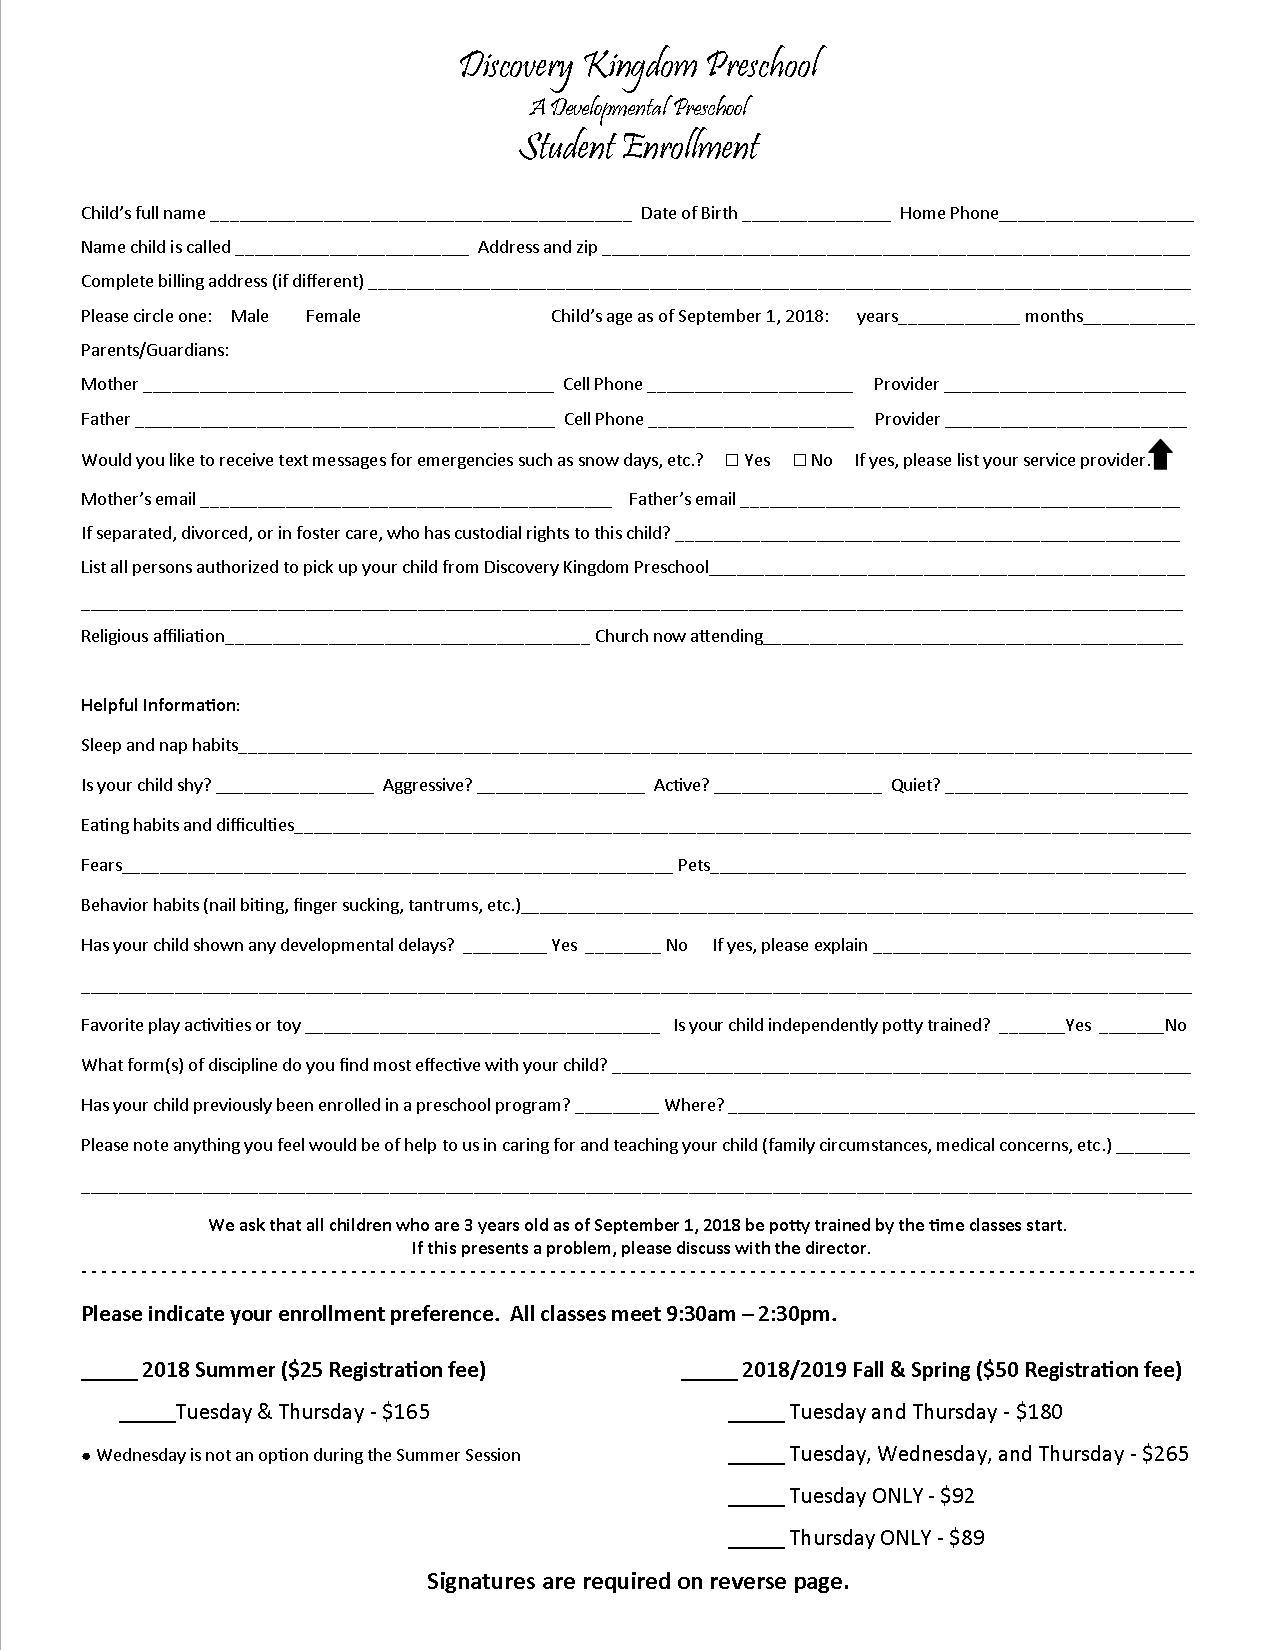 DKP Enrollment Form Front.jpg